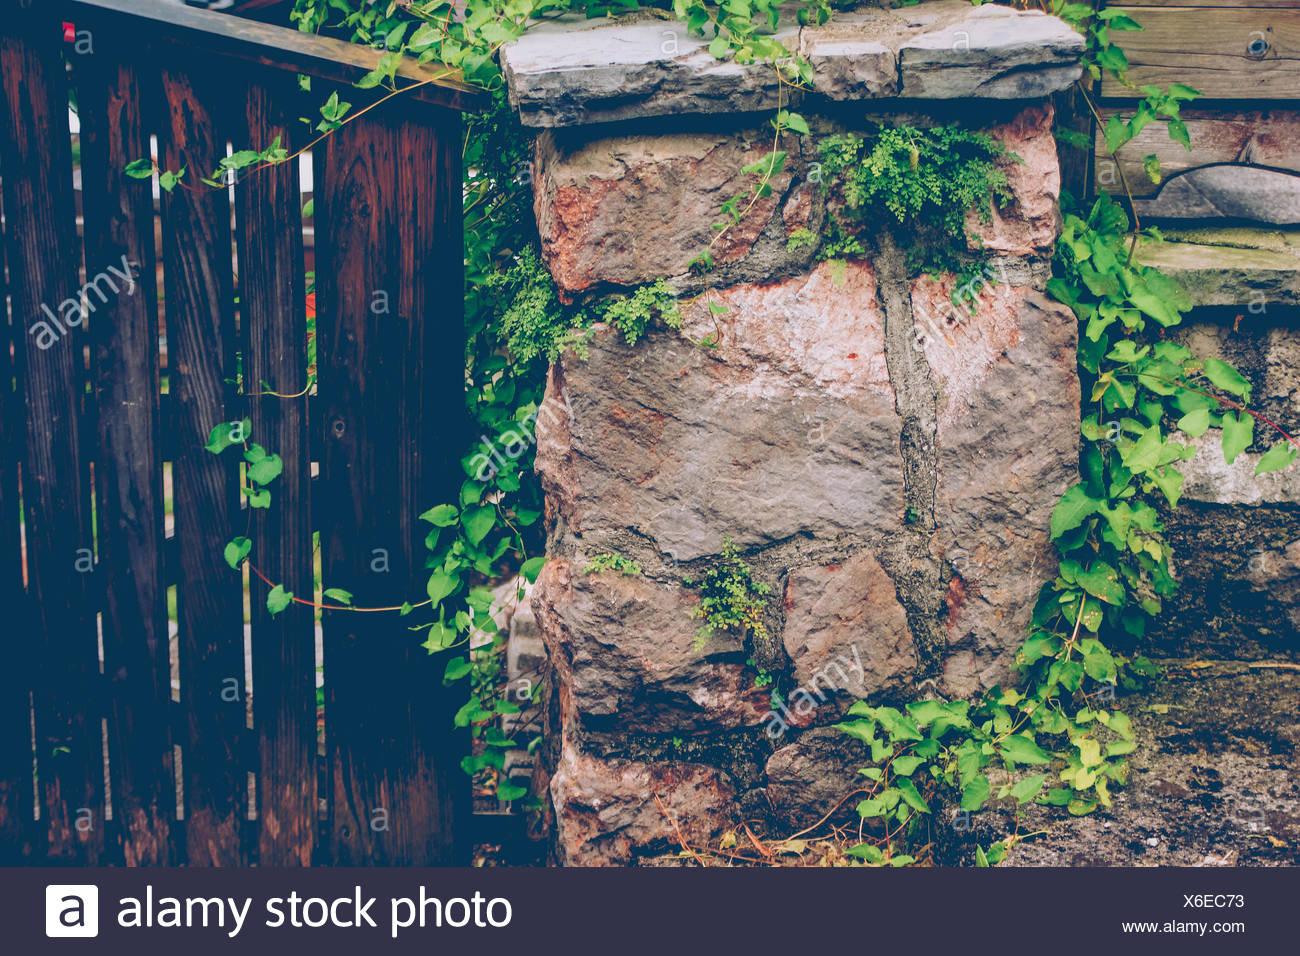 Gate, wall, plant, Russianvine - Stock Image